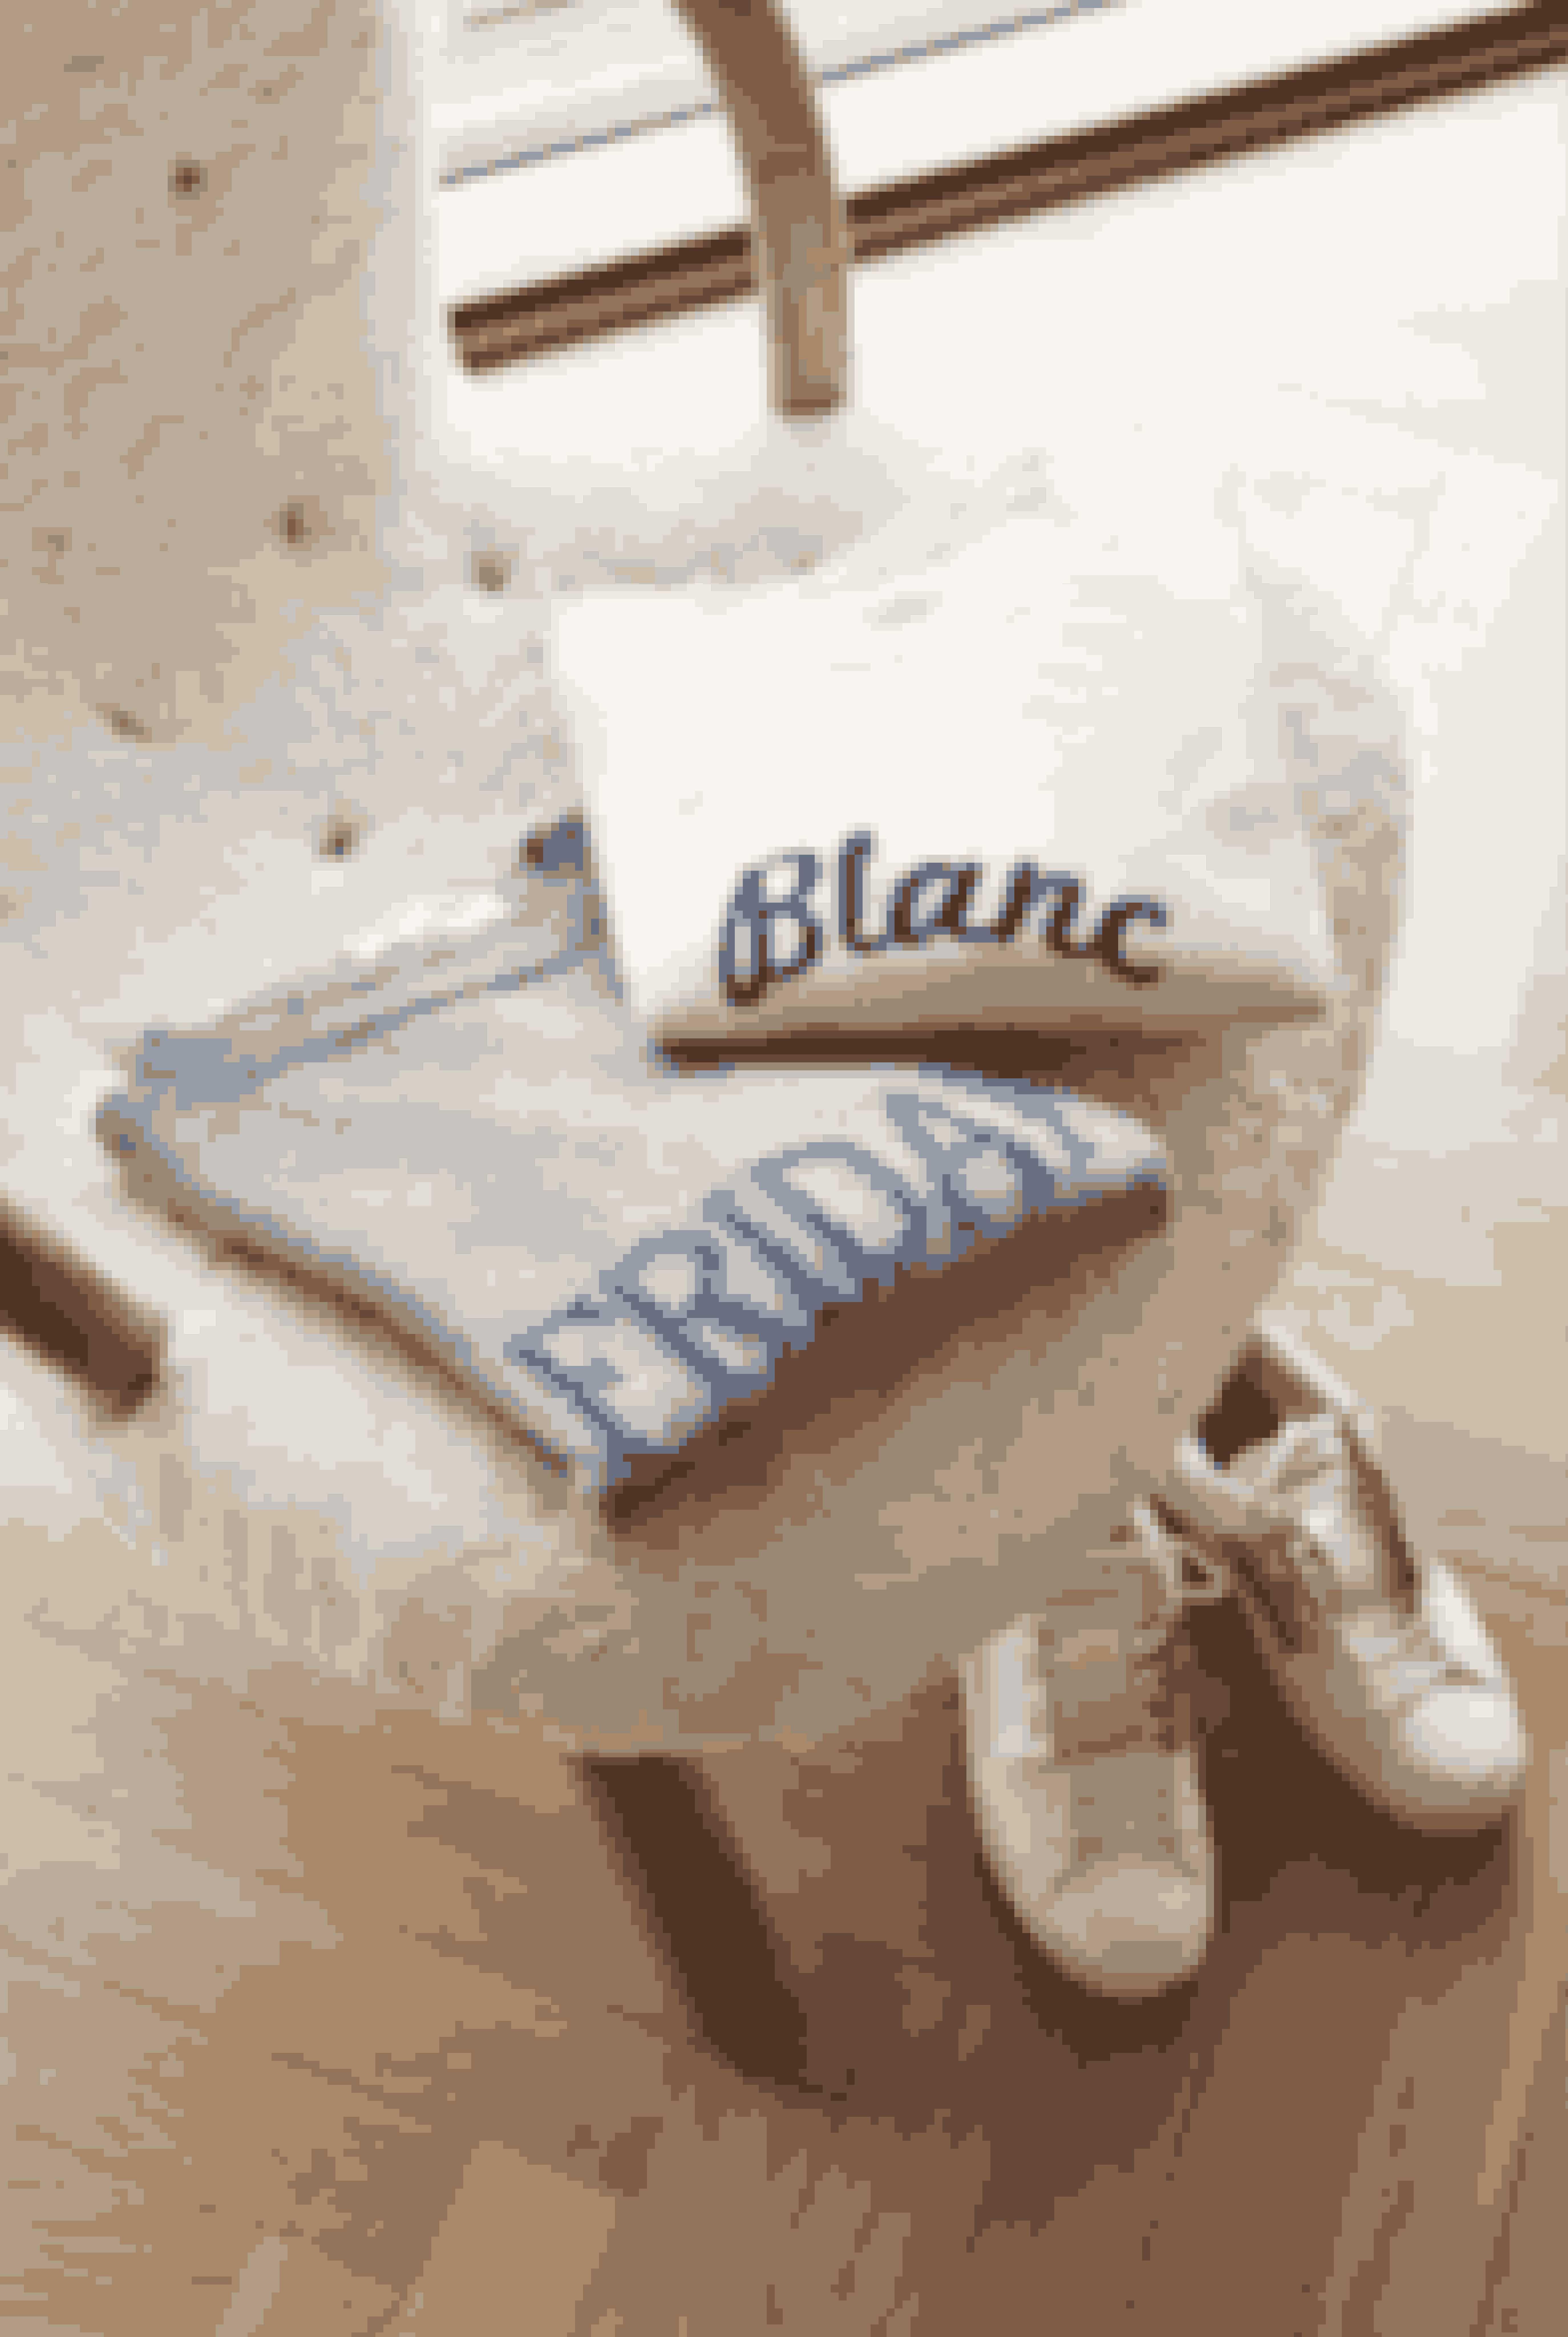 Blødt i blødt; Karina er glad for kashmir og især disse to sweatre fra hhv. Alberta Ferretti og Loft. pga. deres statements. 'Muslingestolen' af Philip Arctander er købt hos Paustian, og de hvide lædersneakers er fra Valentino.